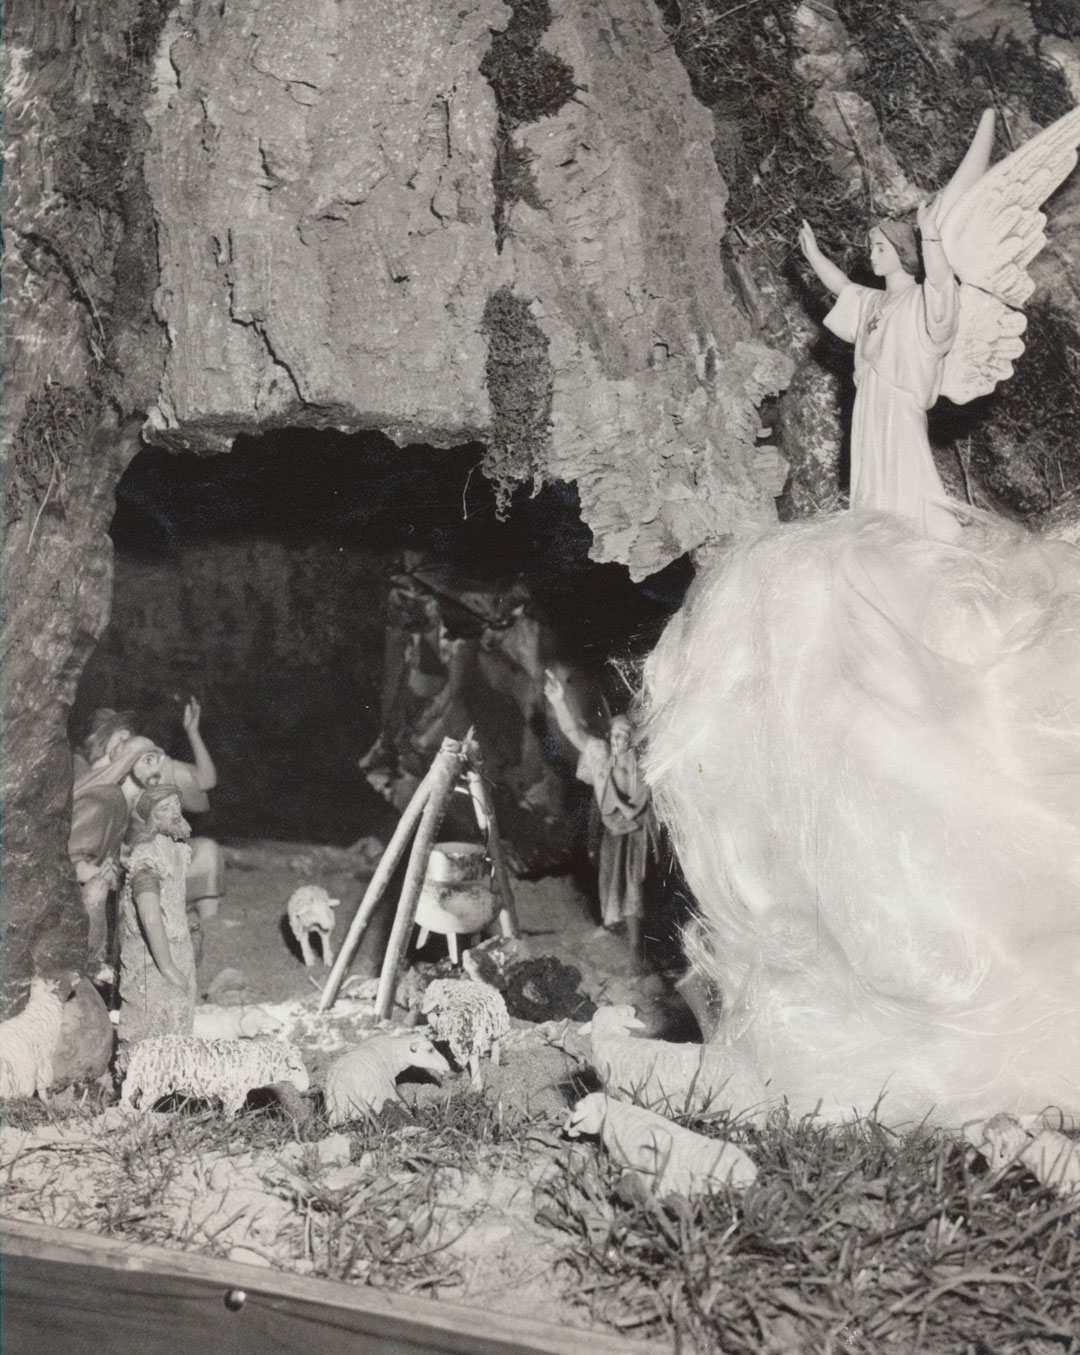 La cueva de los pastores.